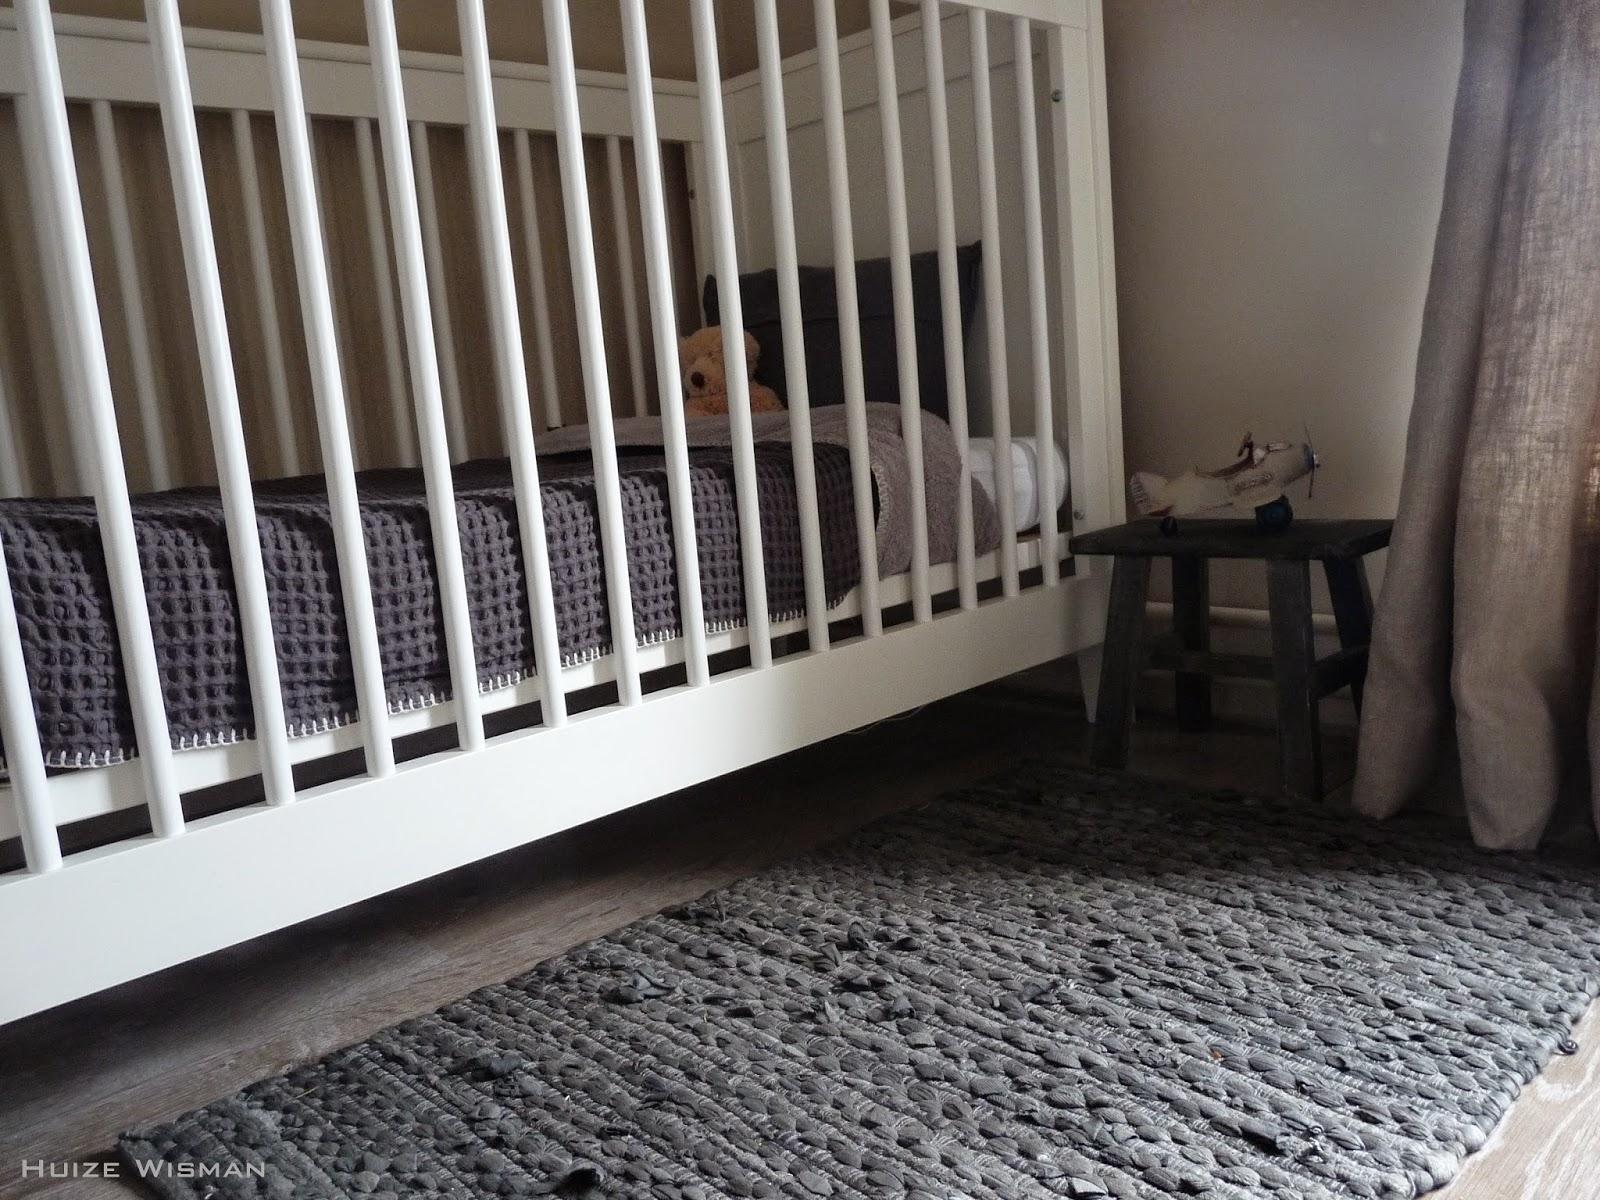 Huize wisman: slaapkamer van morris